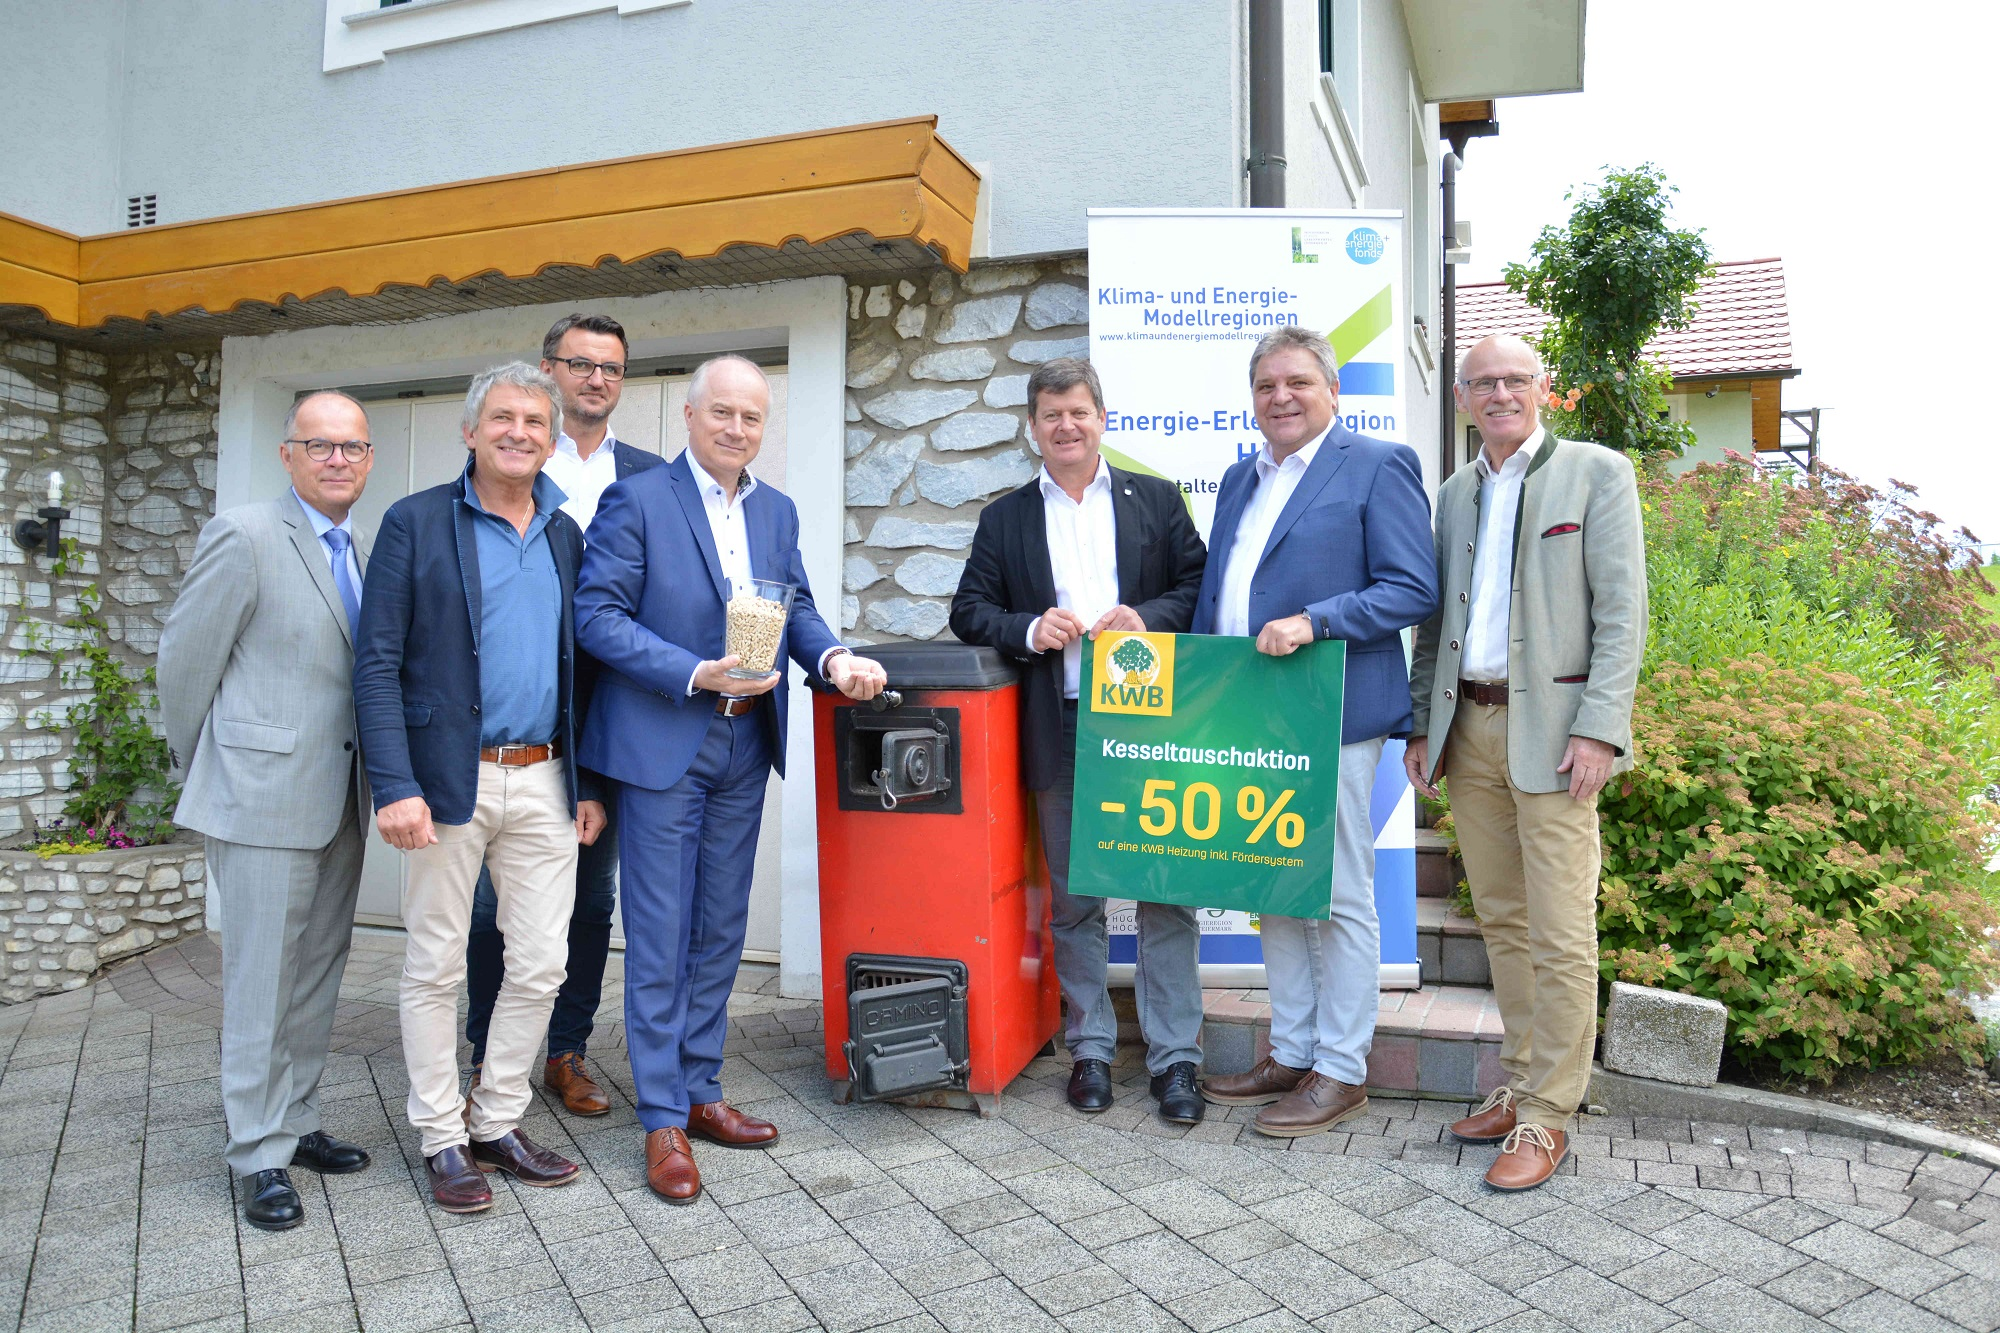 DAS WARS´ FÜR ÖL UND GAS! - Lebensressort - Landesregierung Steiermark